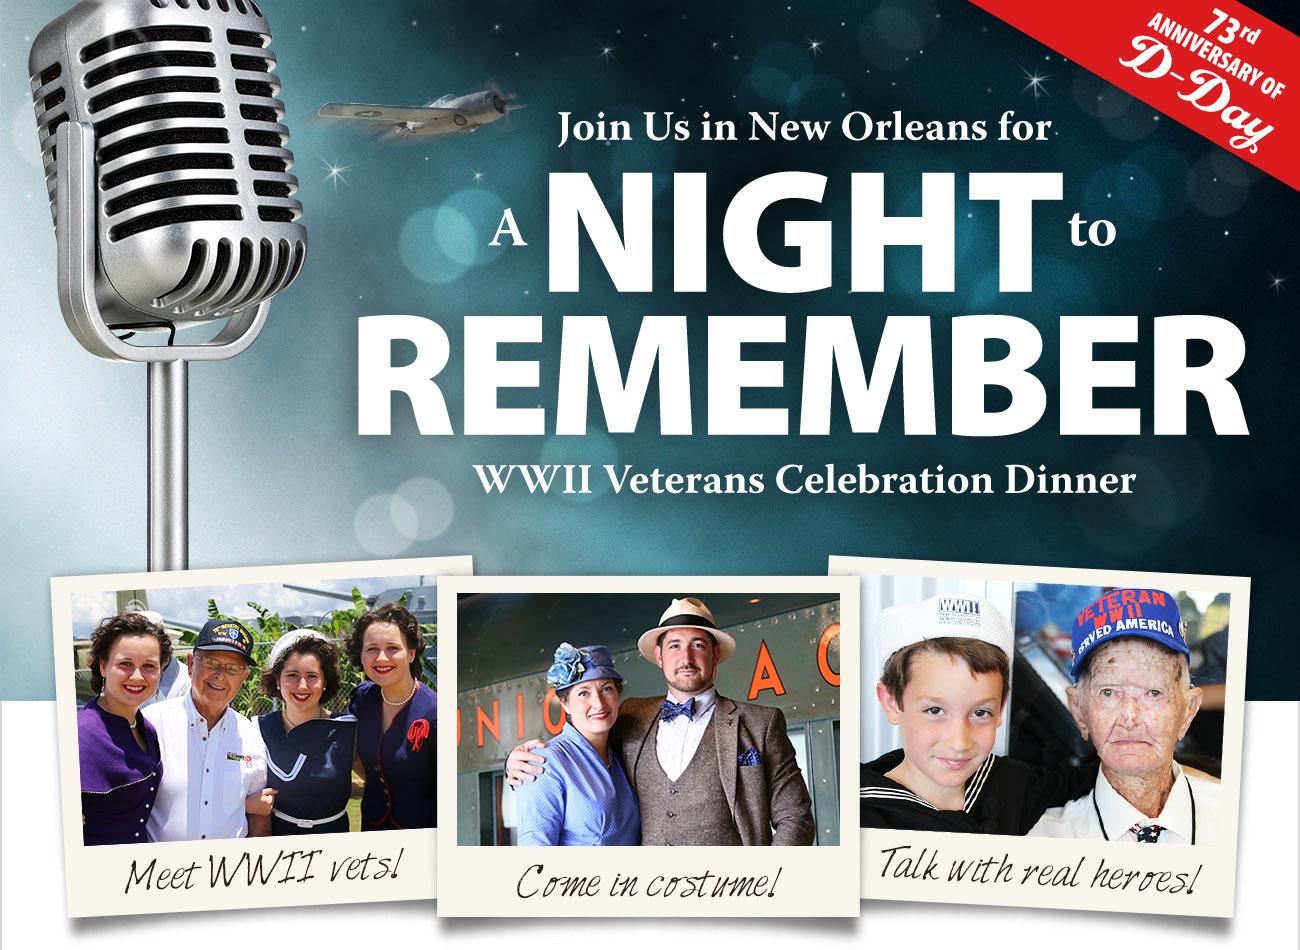 WWII Veterans Celebration Dinner!